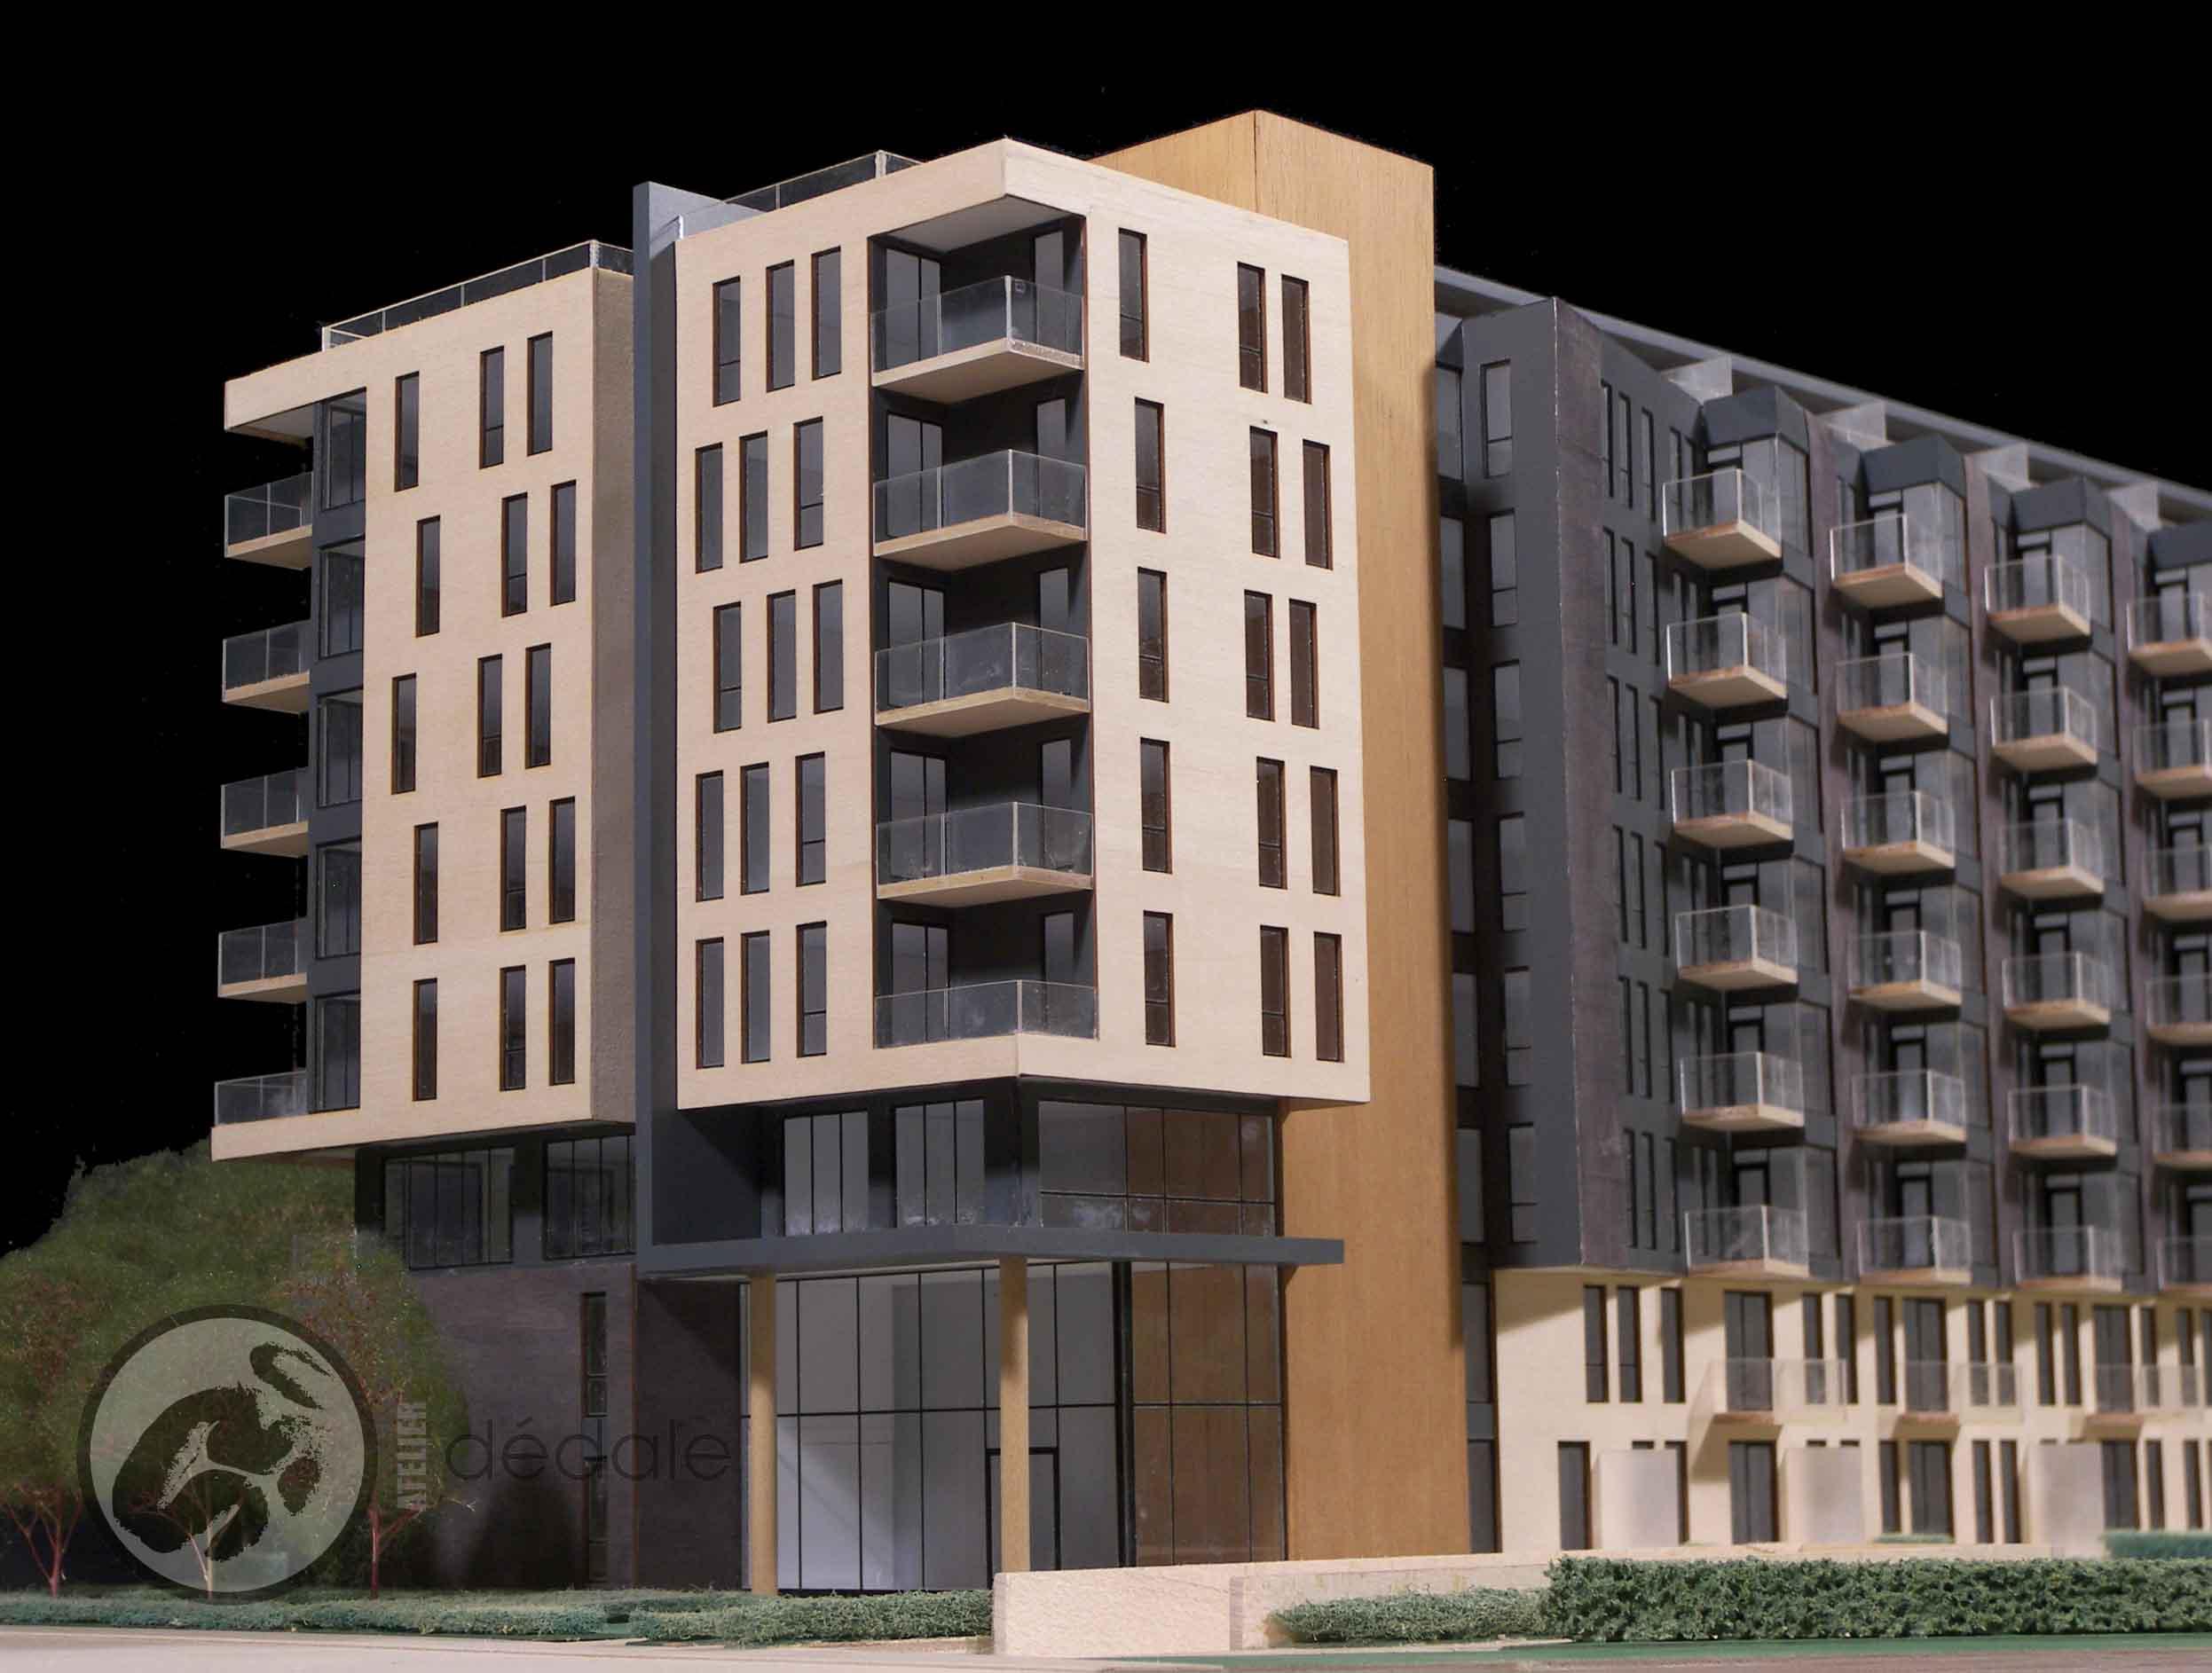 Paré project architectural models